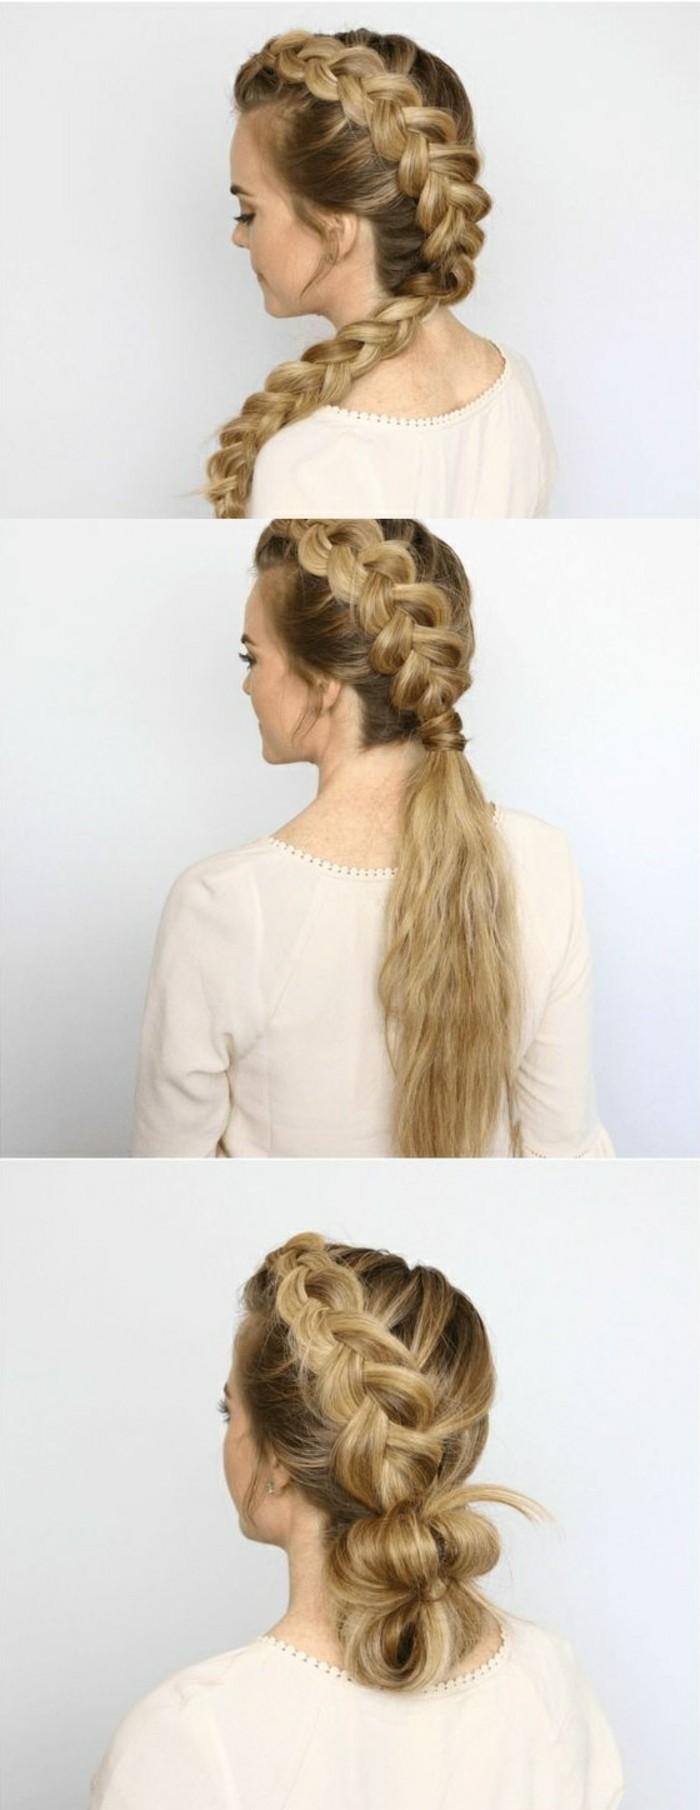 frisuren-zum-selber-machen-lange-blonde-haare-großer-zopf-diy-weiße-bluse-frau